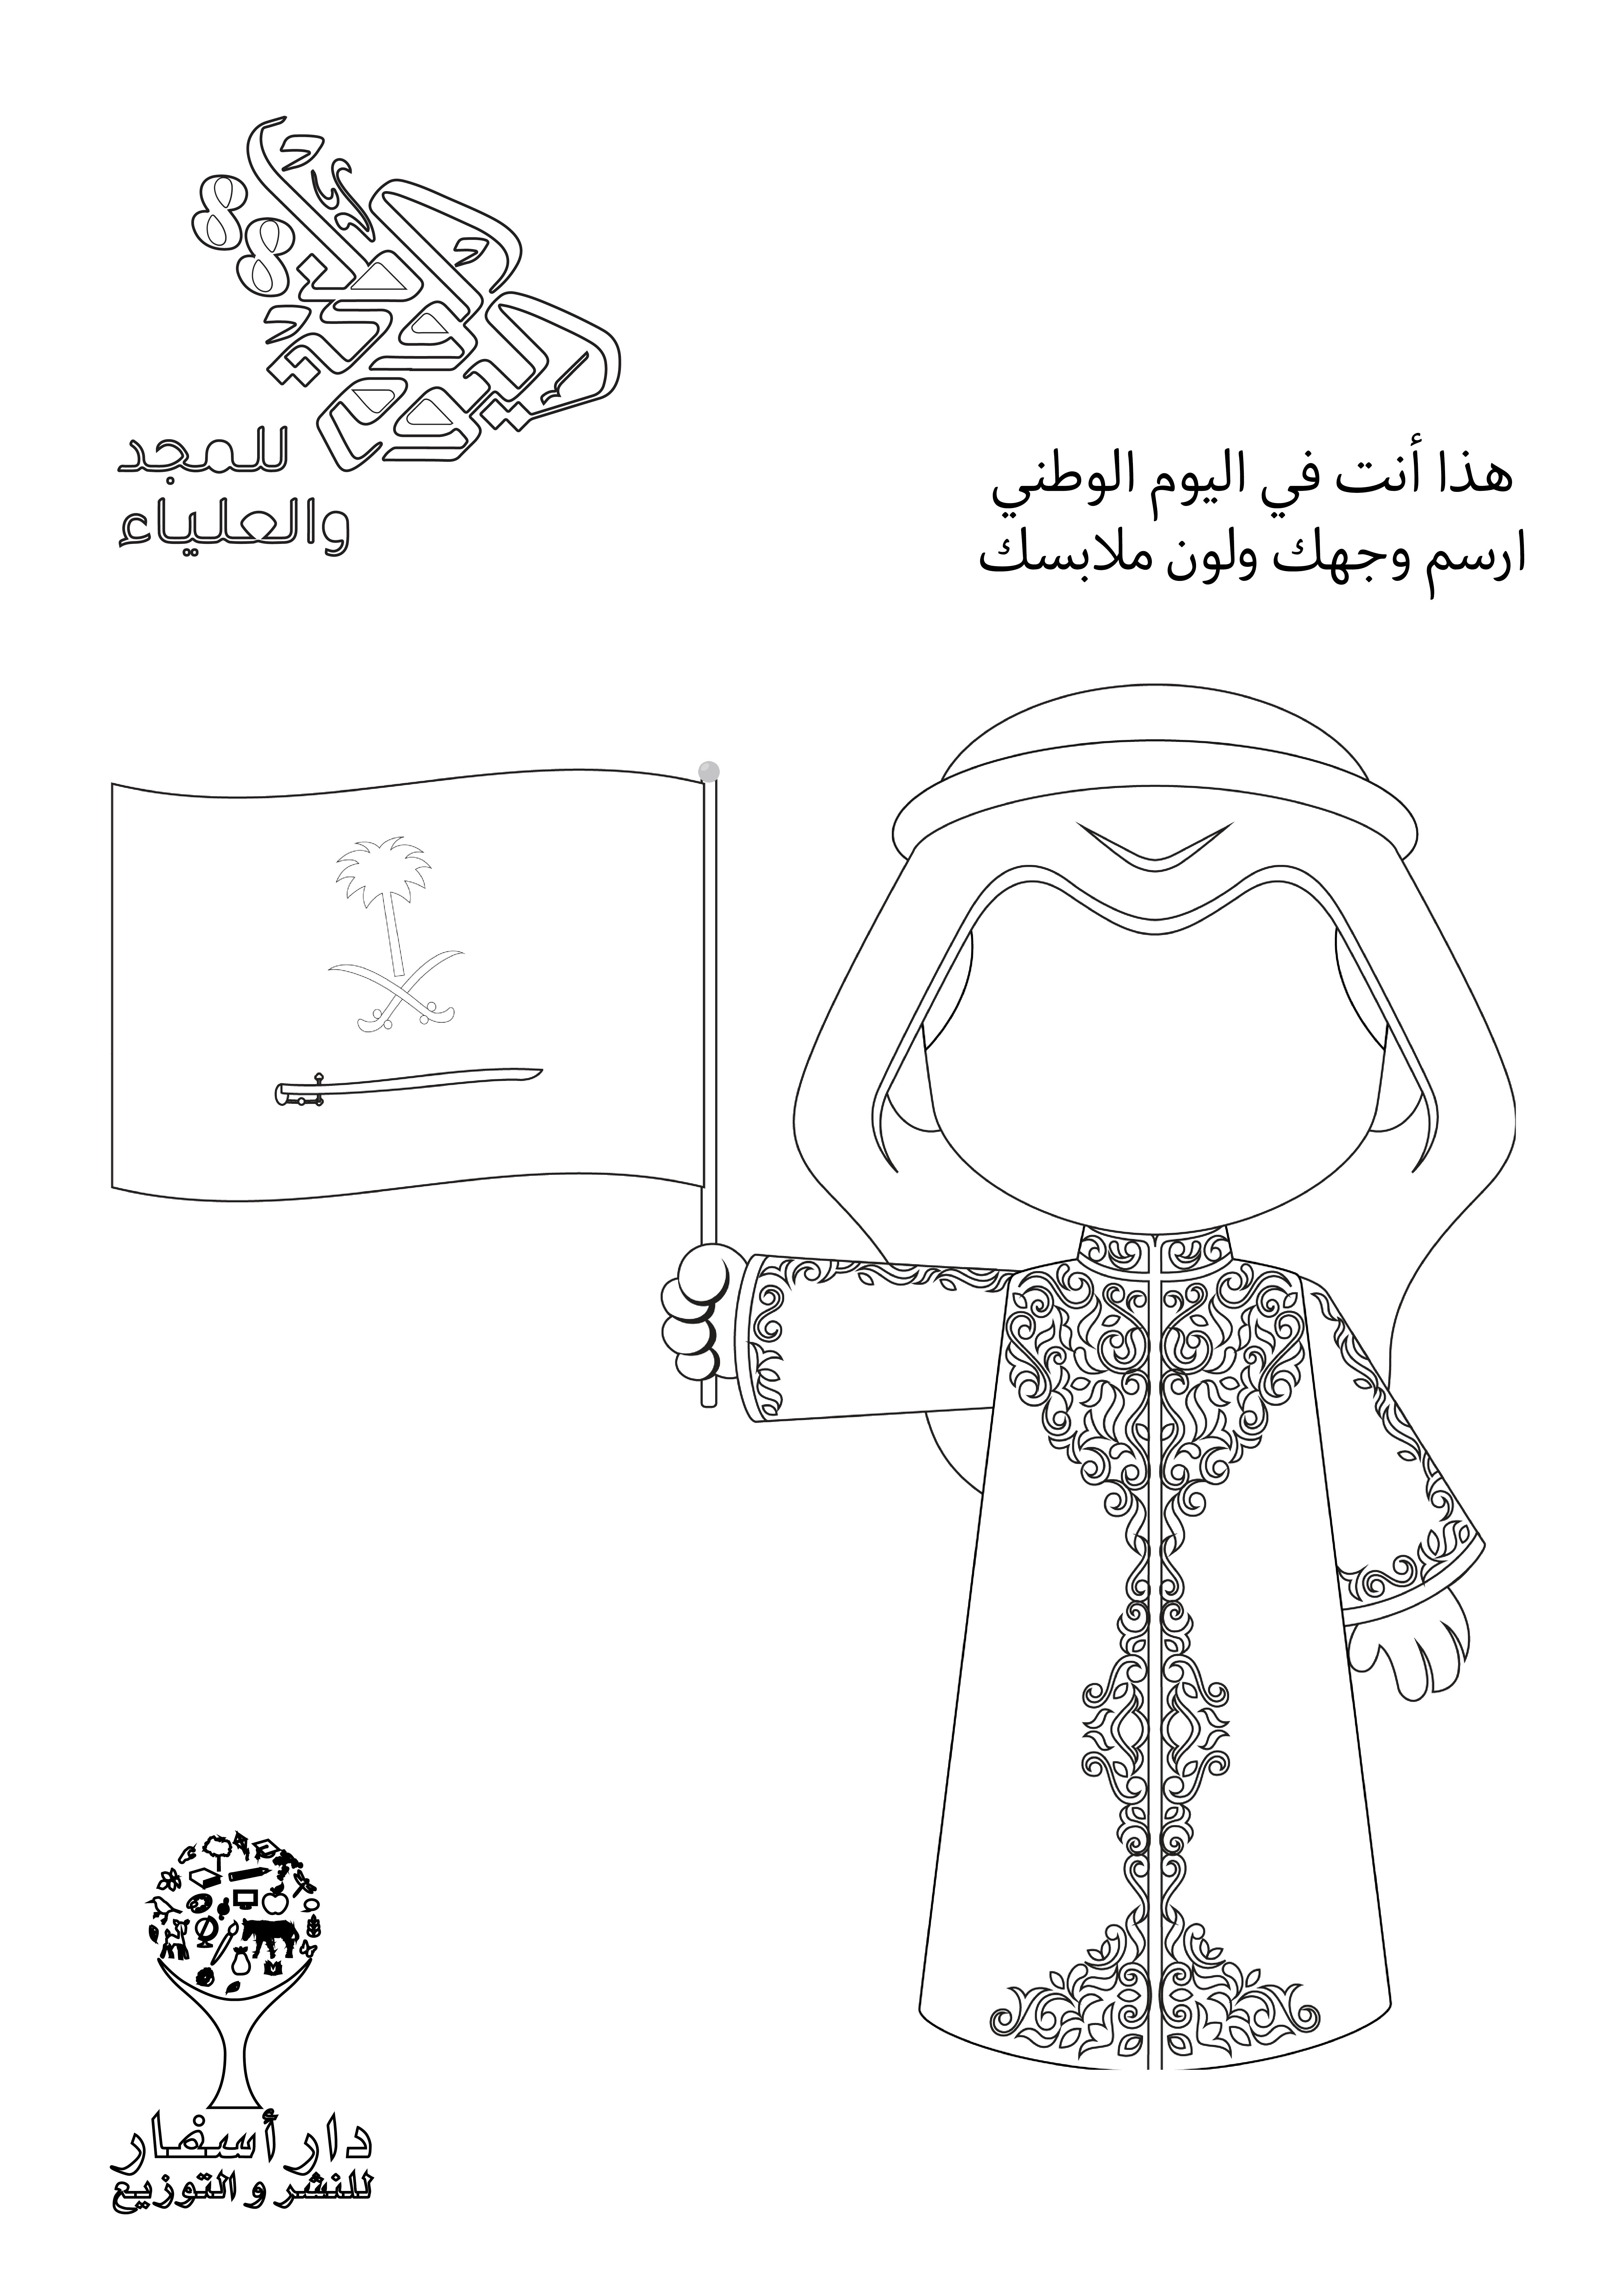 أنشطة تلوين لليوم الوطني السعودي Print Stickers Diy Gifts Creative Teaching Press